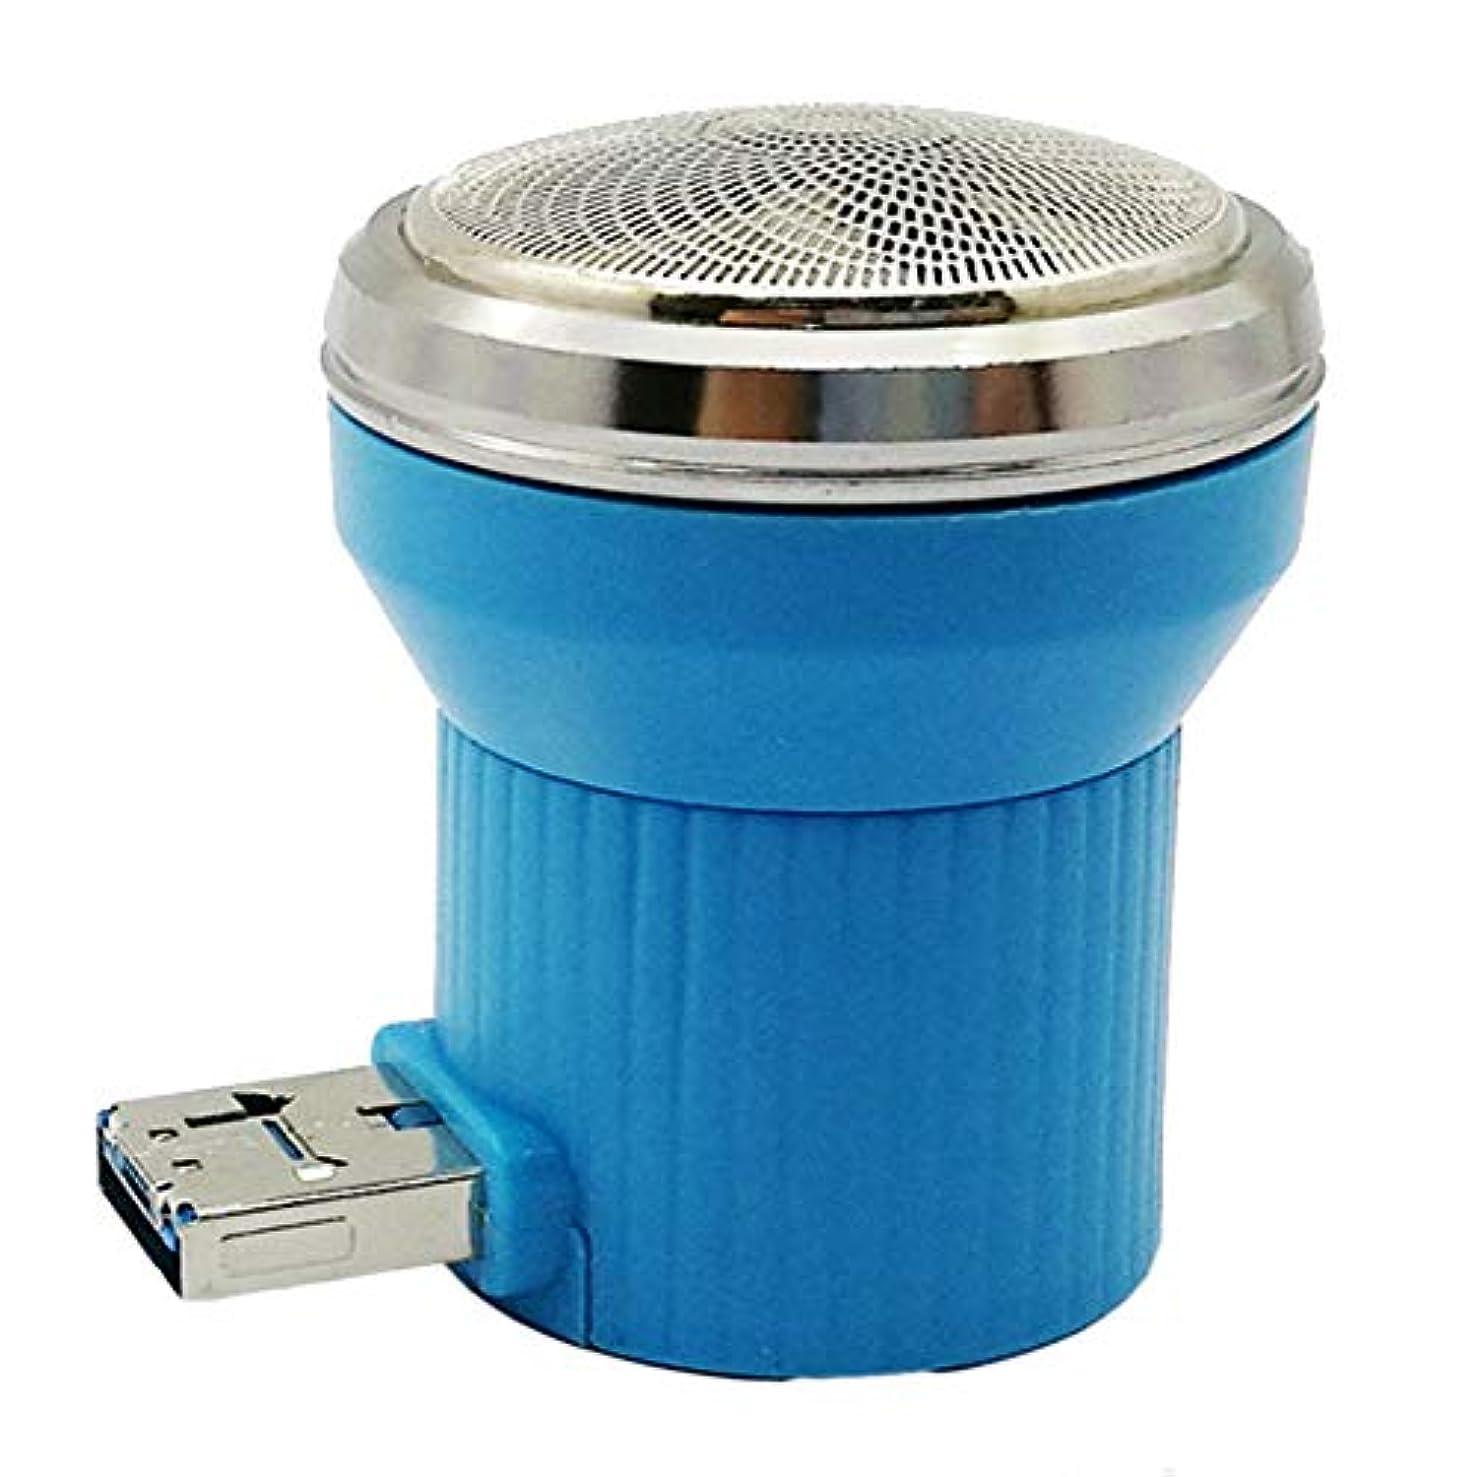 領事館大理石スクラッチ旅行用かみそり用ミニかみそりUSB携帯電話多機能ポータブル電気メンズかみそり(ブルー)